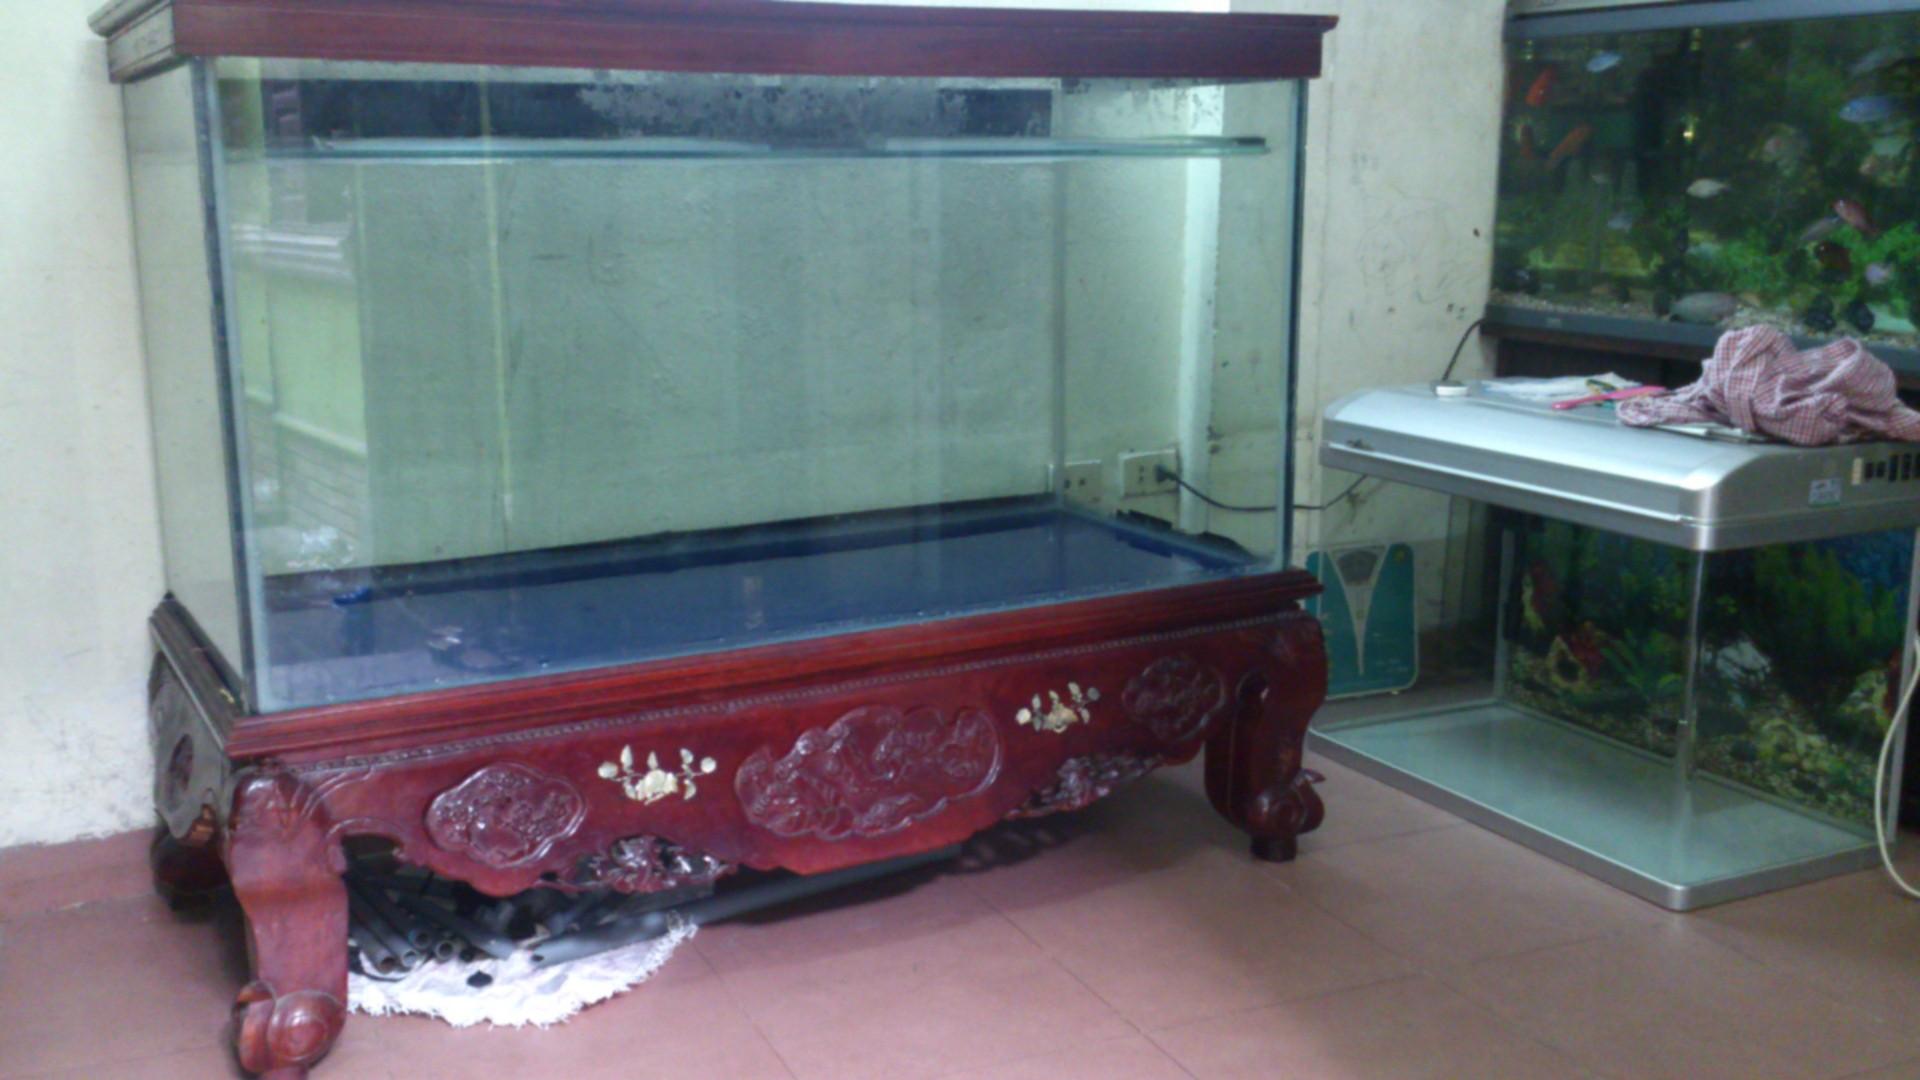 thanh lý bể cá chân quỳ hải phòng - docuhaiphong.vn - Đồ cũ hoàng quỳnh